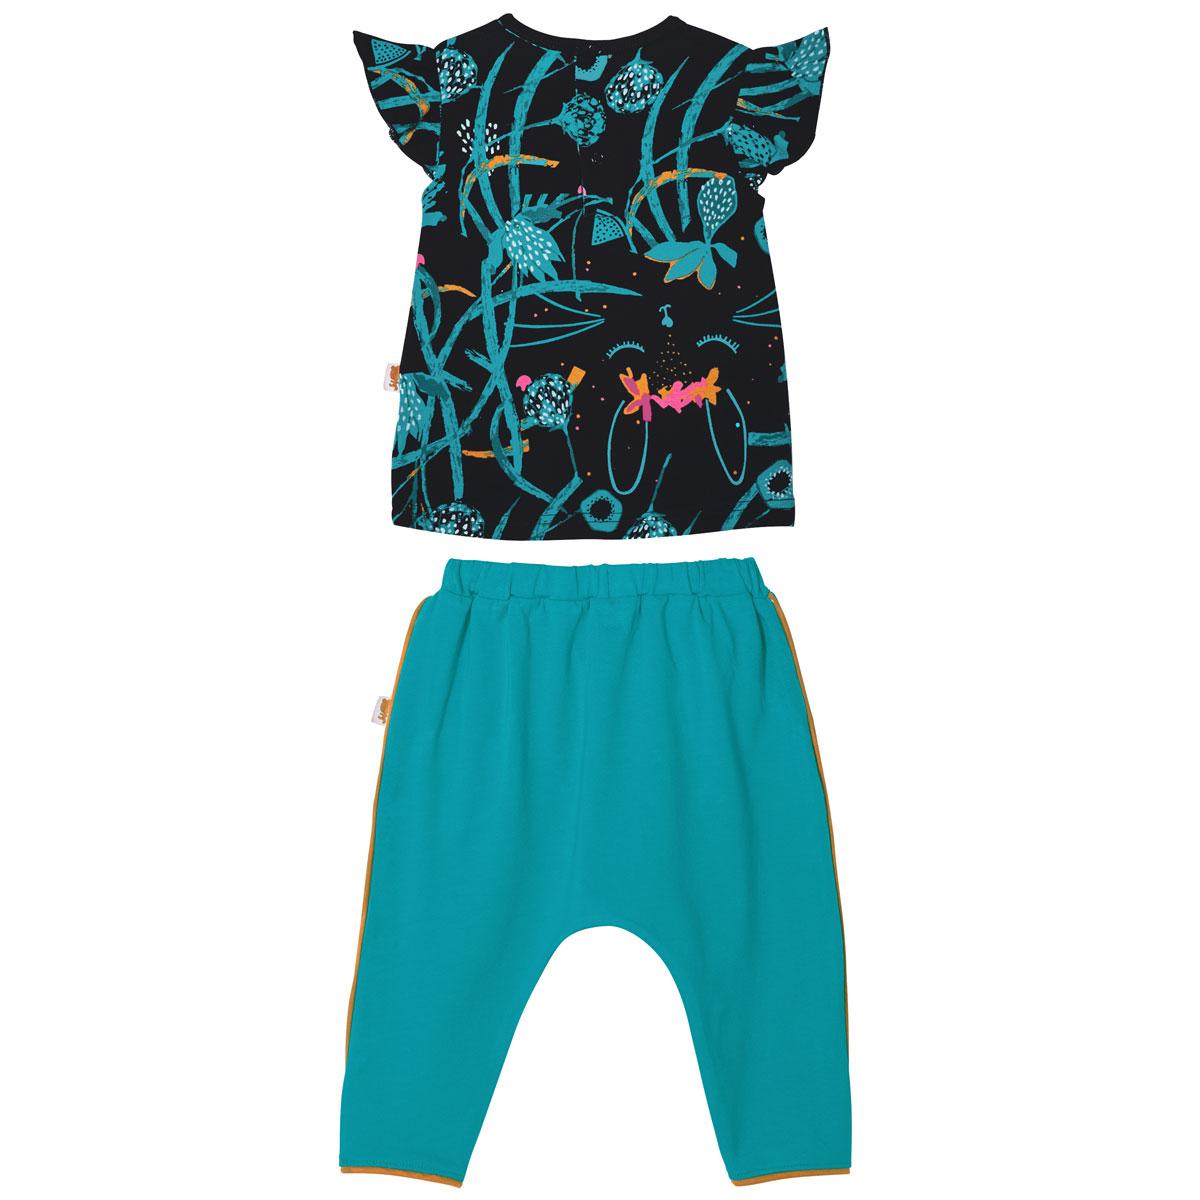 Ensemble bébé fille t-shirt manches courtes + pantalon Bombay dos